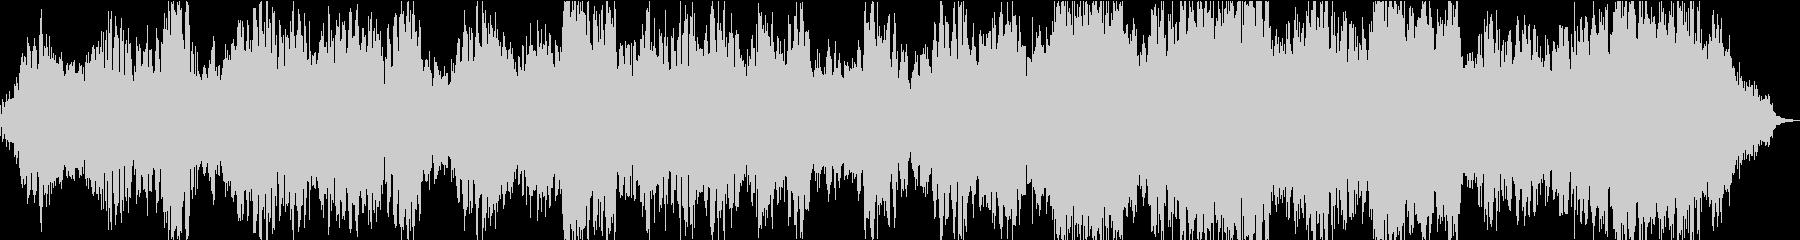 不気味で不穏な雰囲気のあるアンビエント曲の未再生の波形